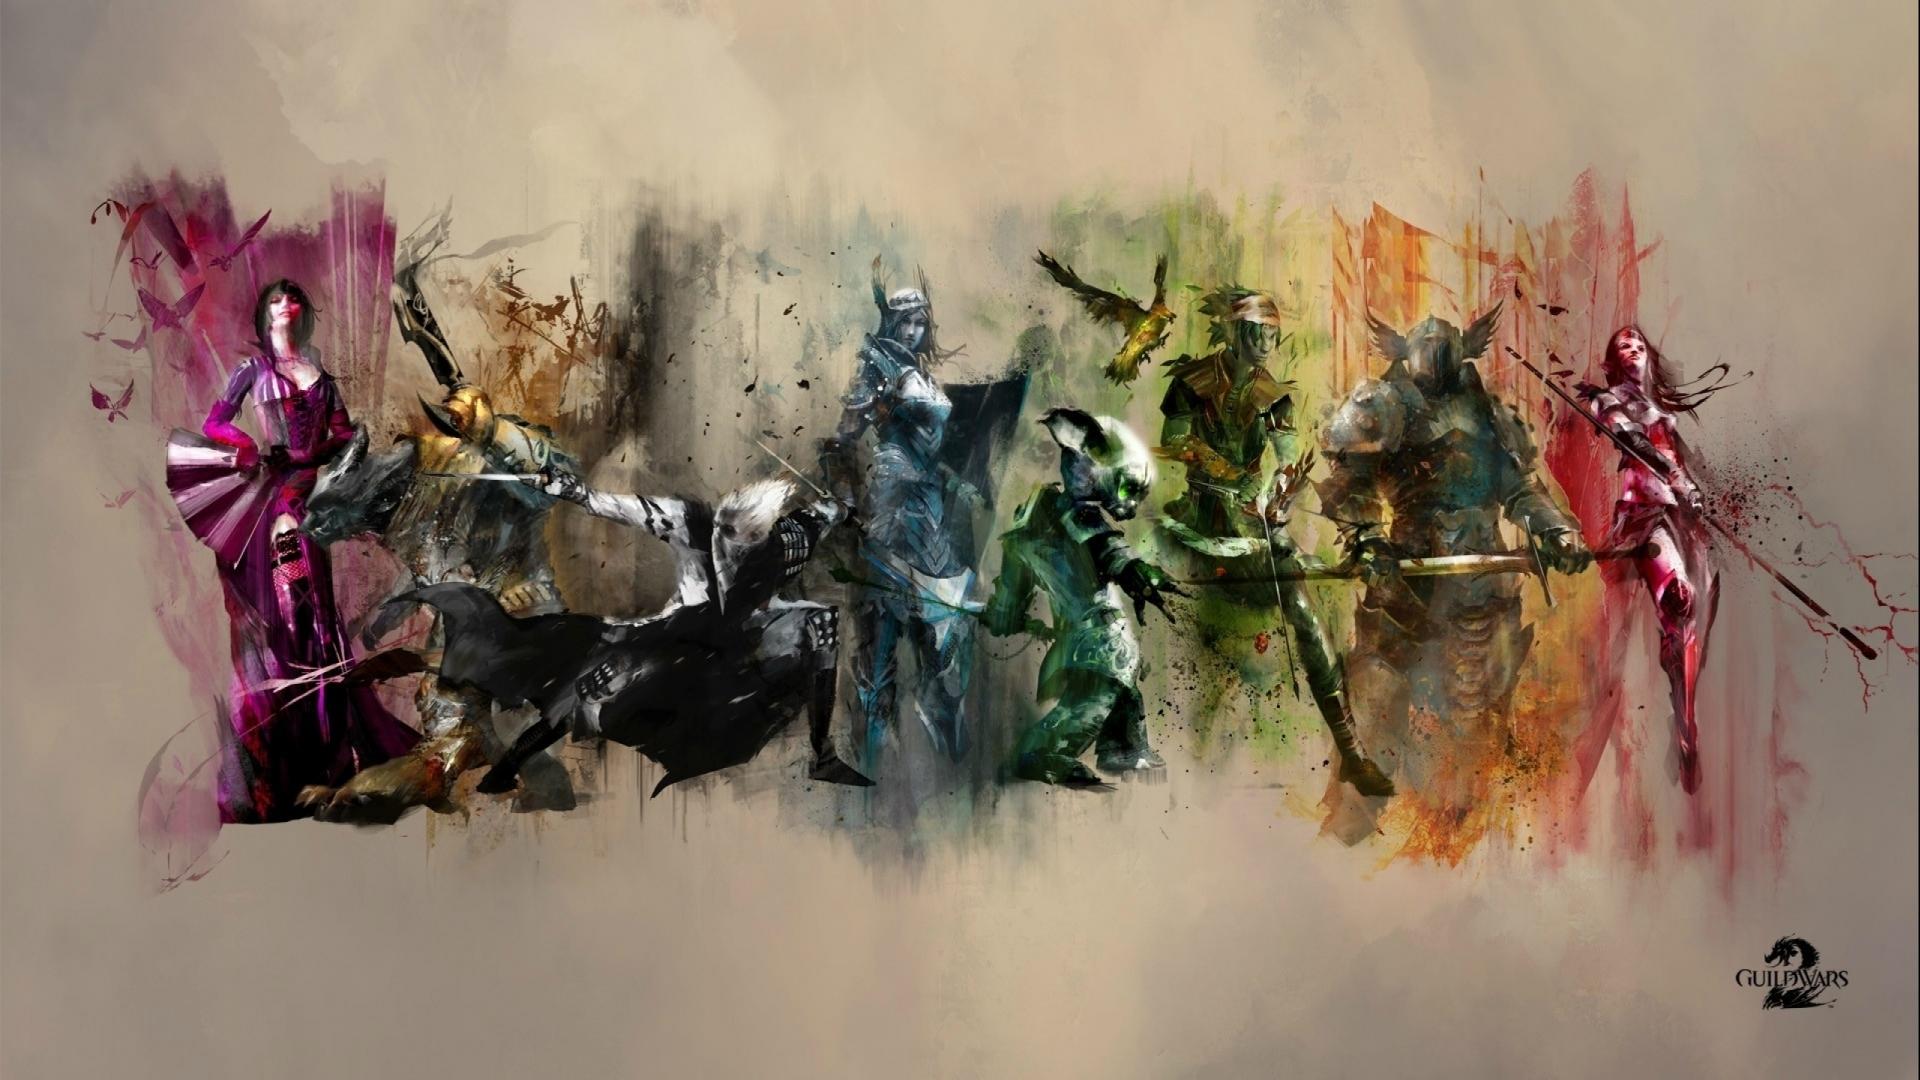 Guild Wars 2 Wallpaper 1920x1080 45443 Wallpaperup